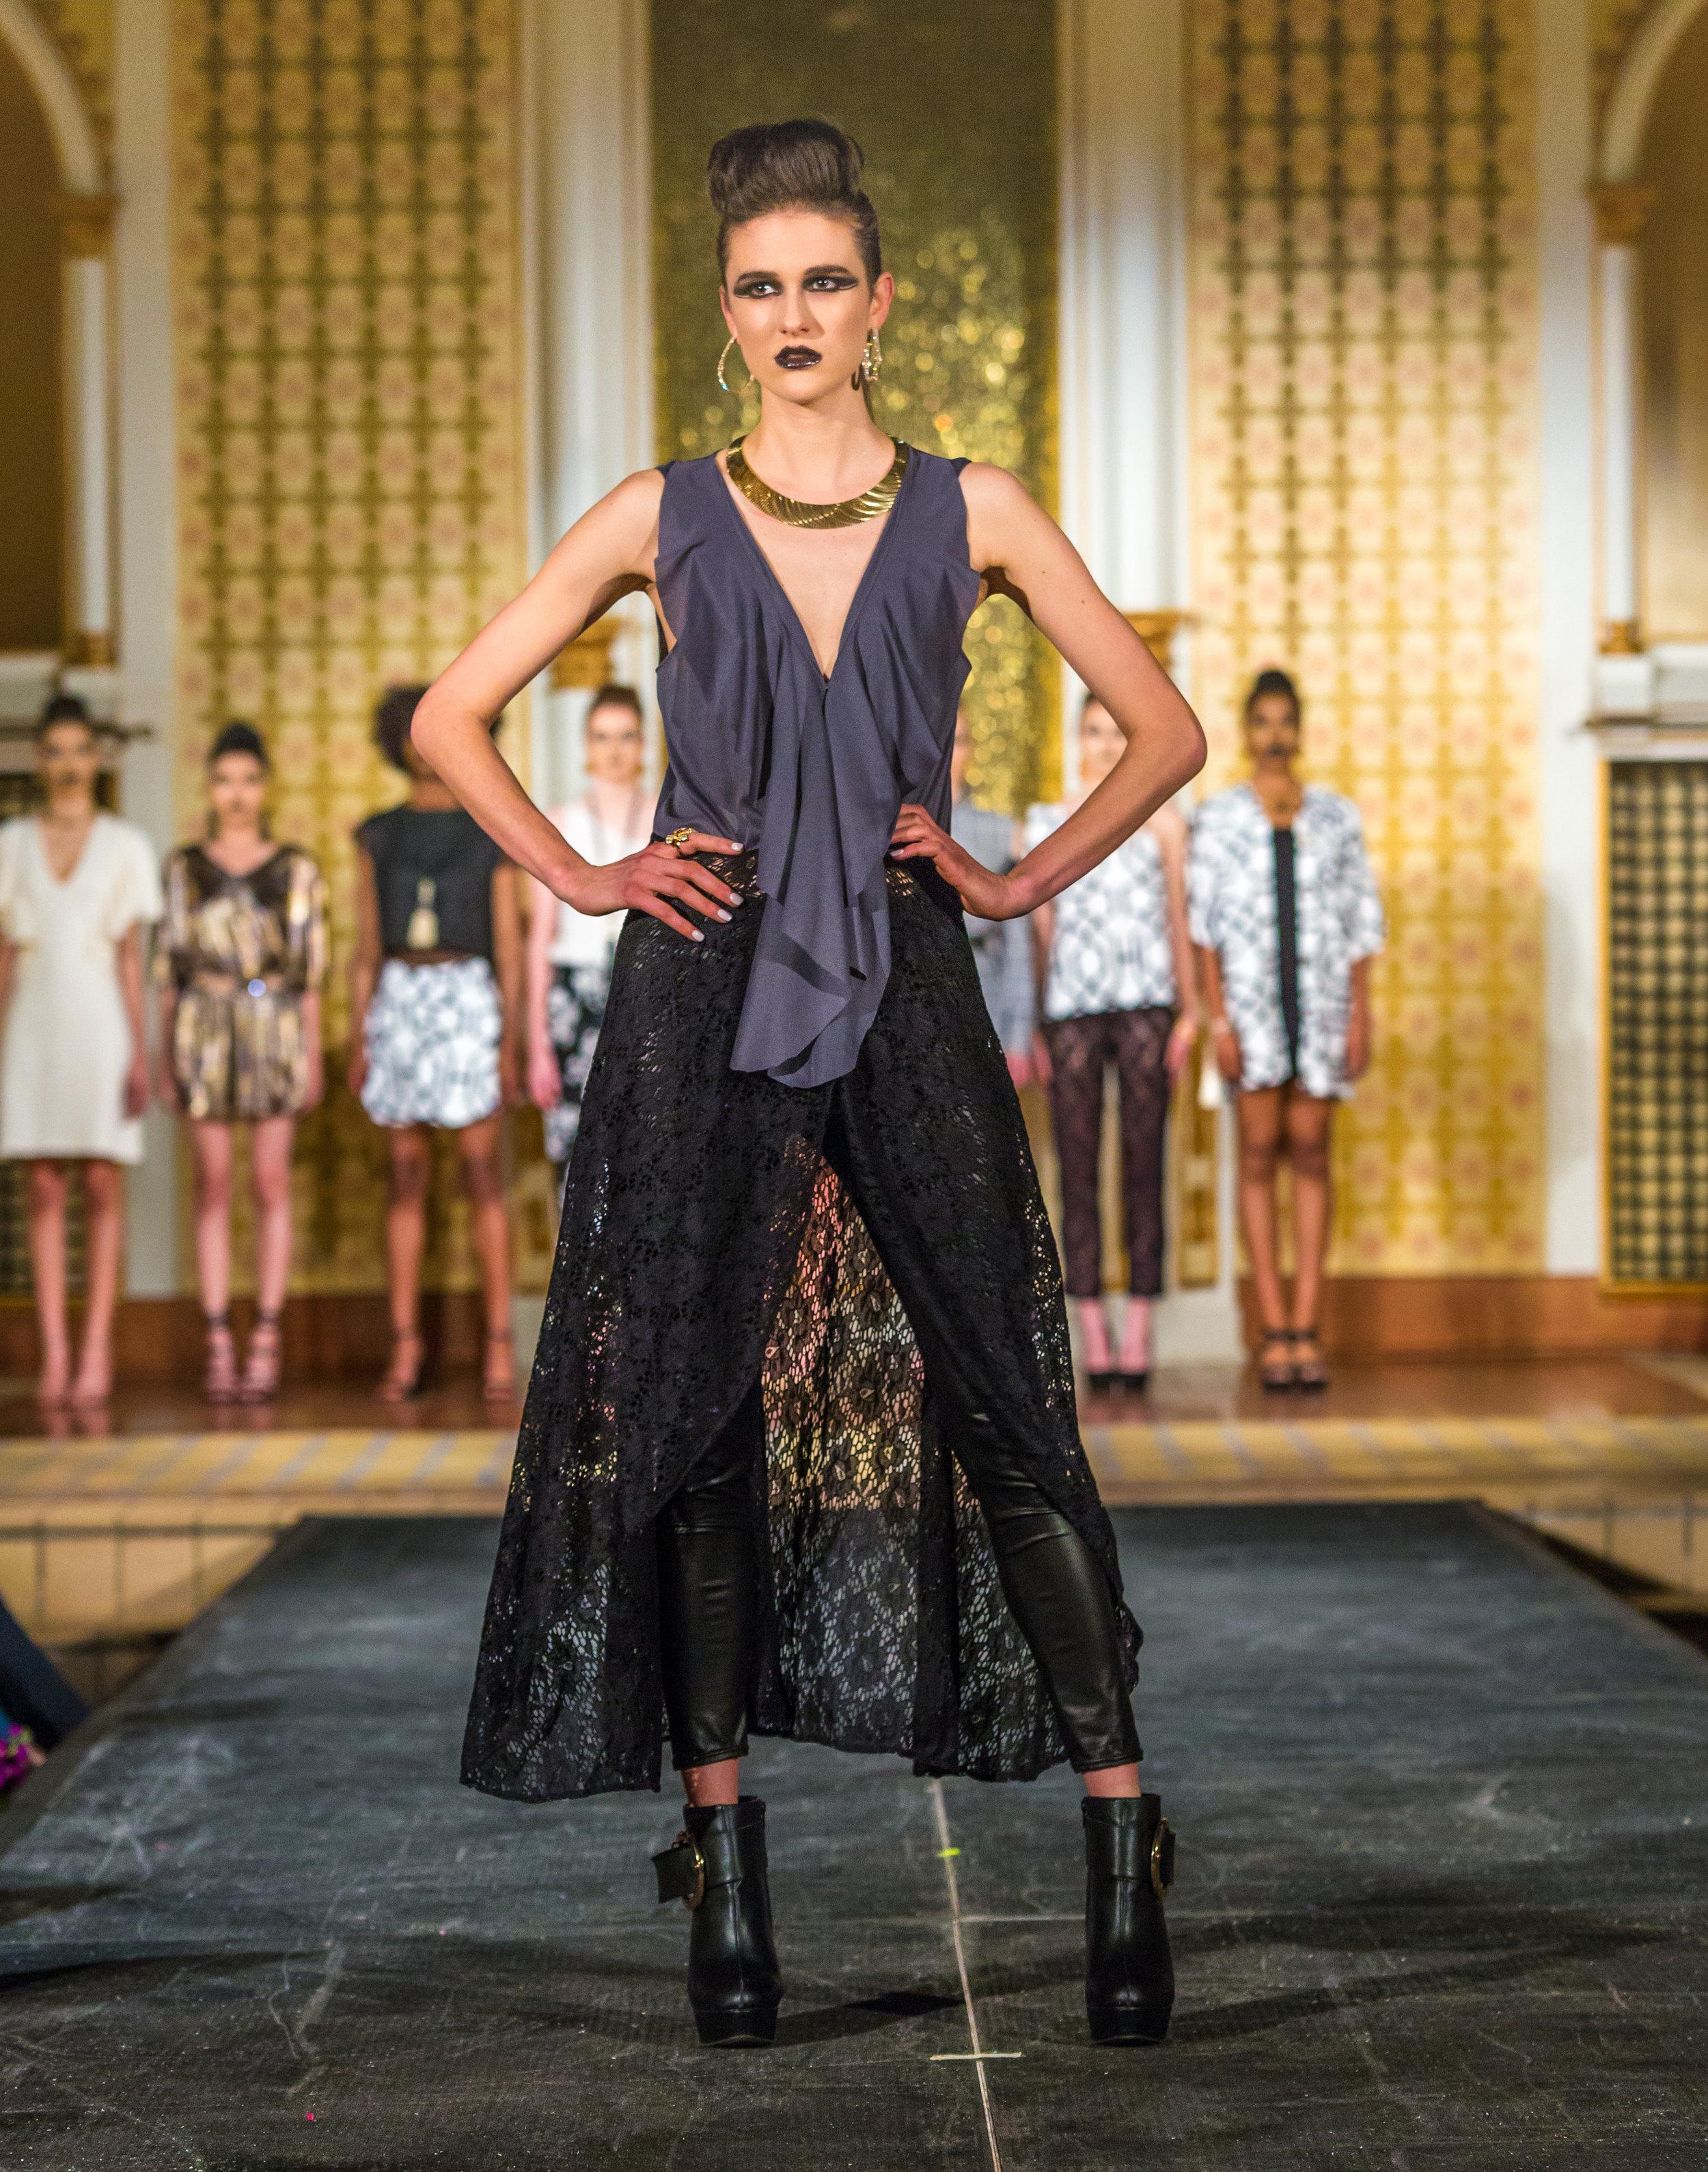 Carla Elese Luv Carla Fashion-72.jpg